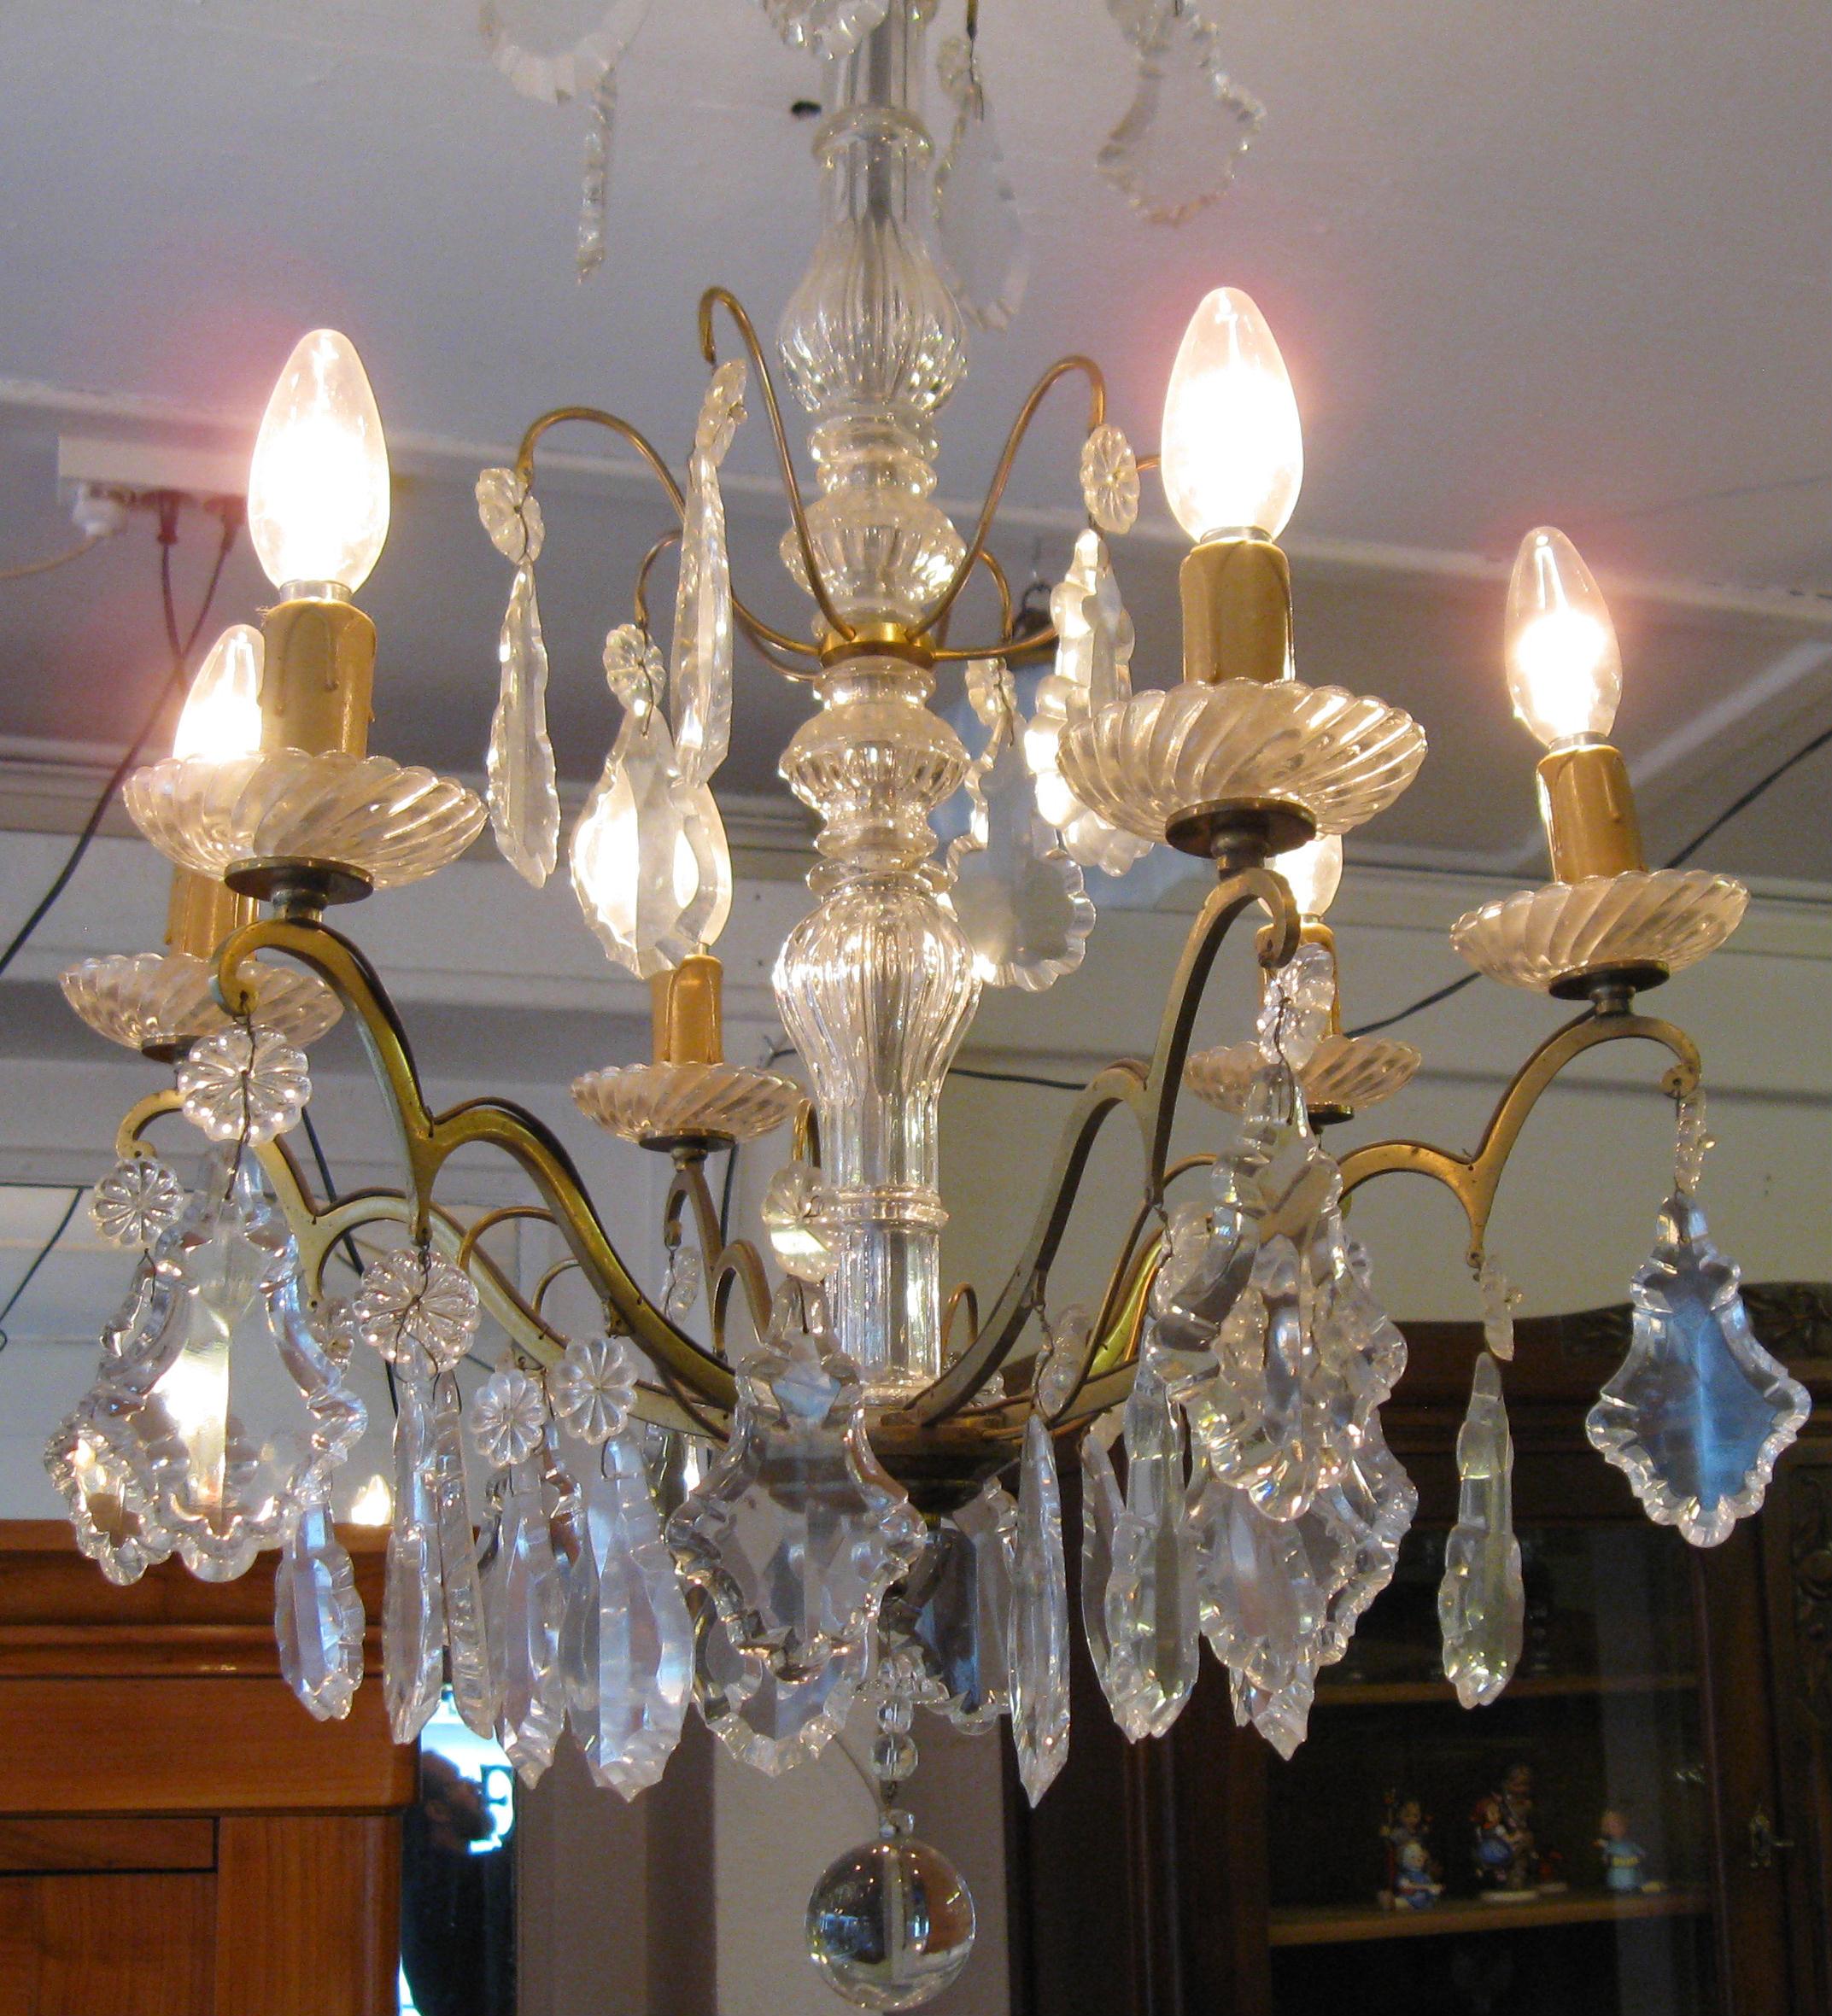 kronleuchter antik lampen antiquit ten ein funkelndes. Black Bedroom Furniture Sets. Home Design Ideas